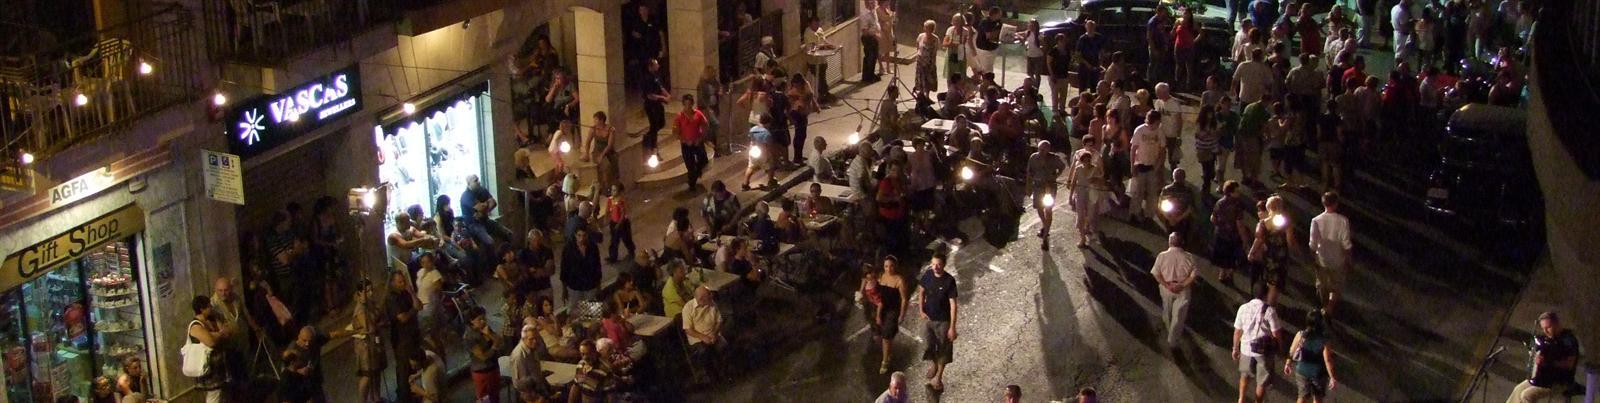 Vibrant Nightlife in Malta